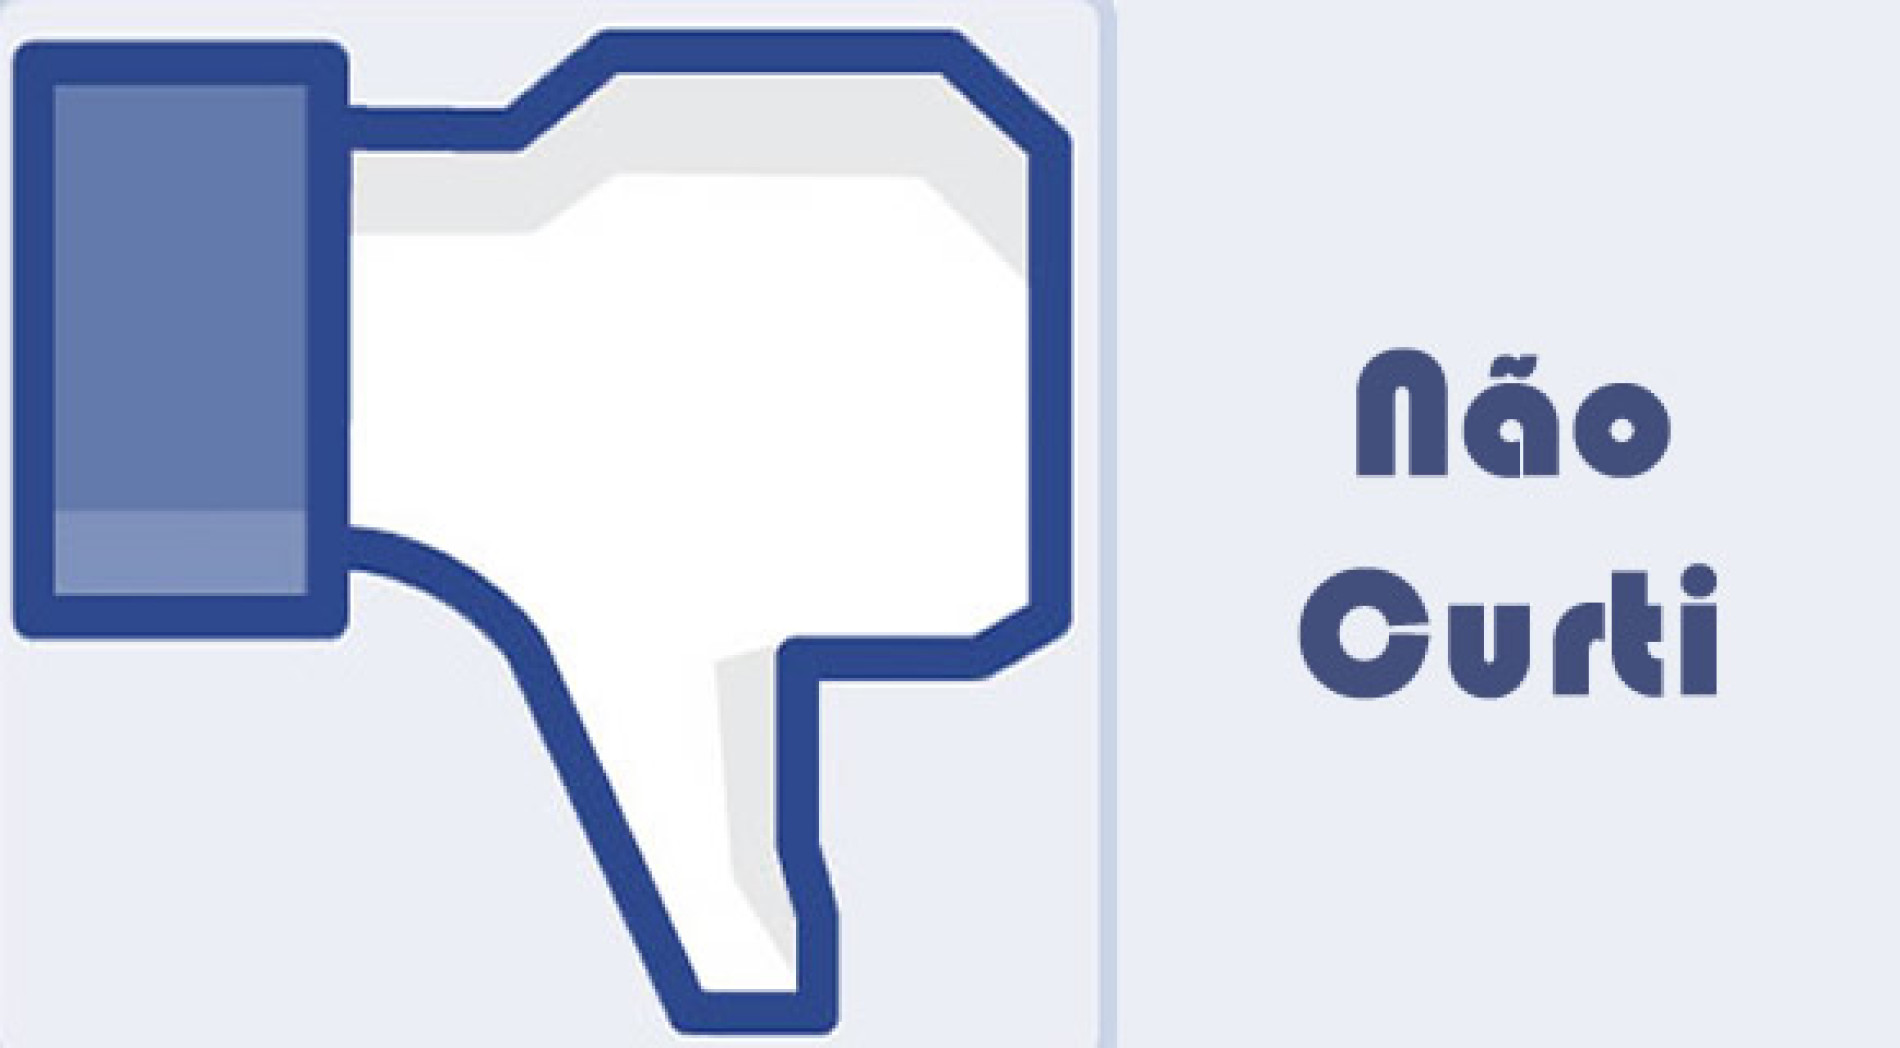 Botão não curti será nova ferramenta do Facebook